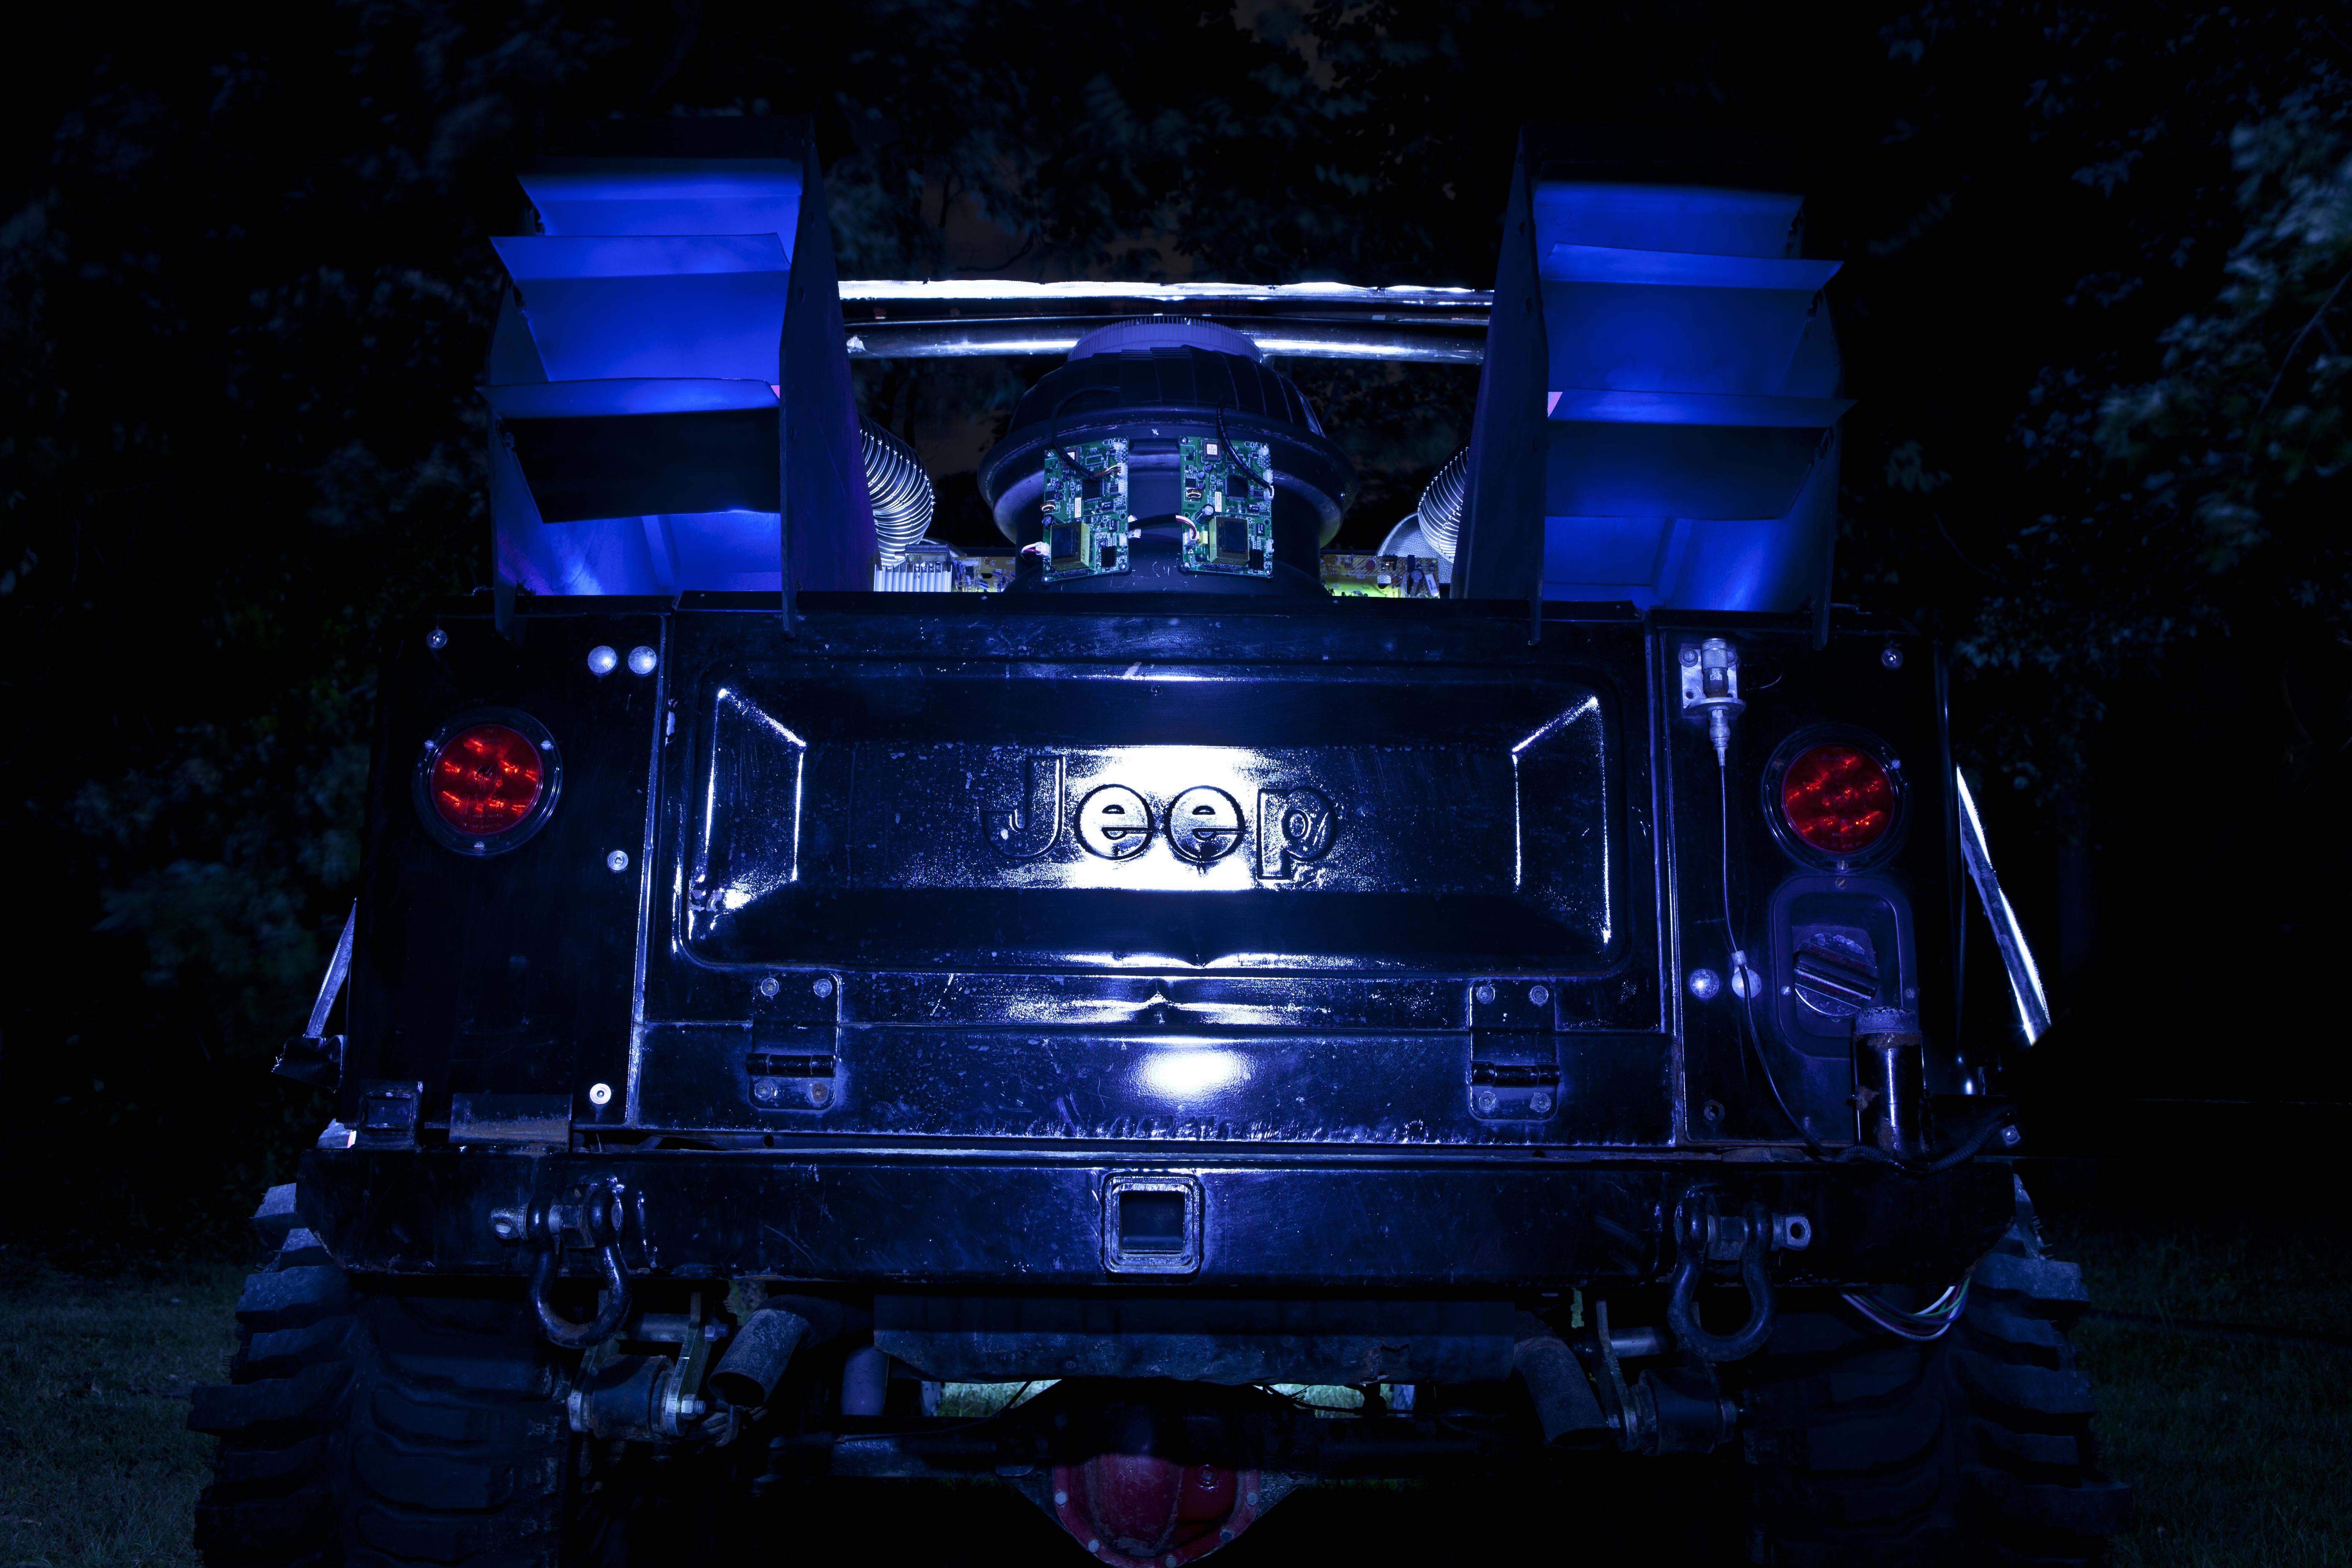 Jeep-Rear-Low.jpg